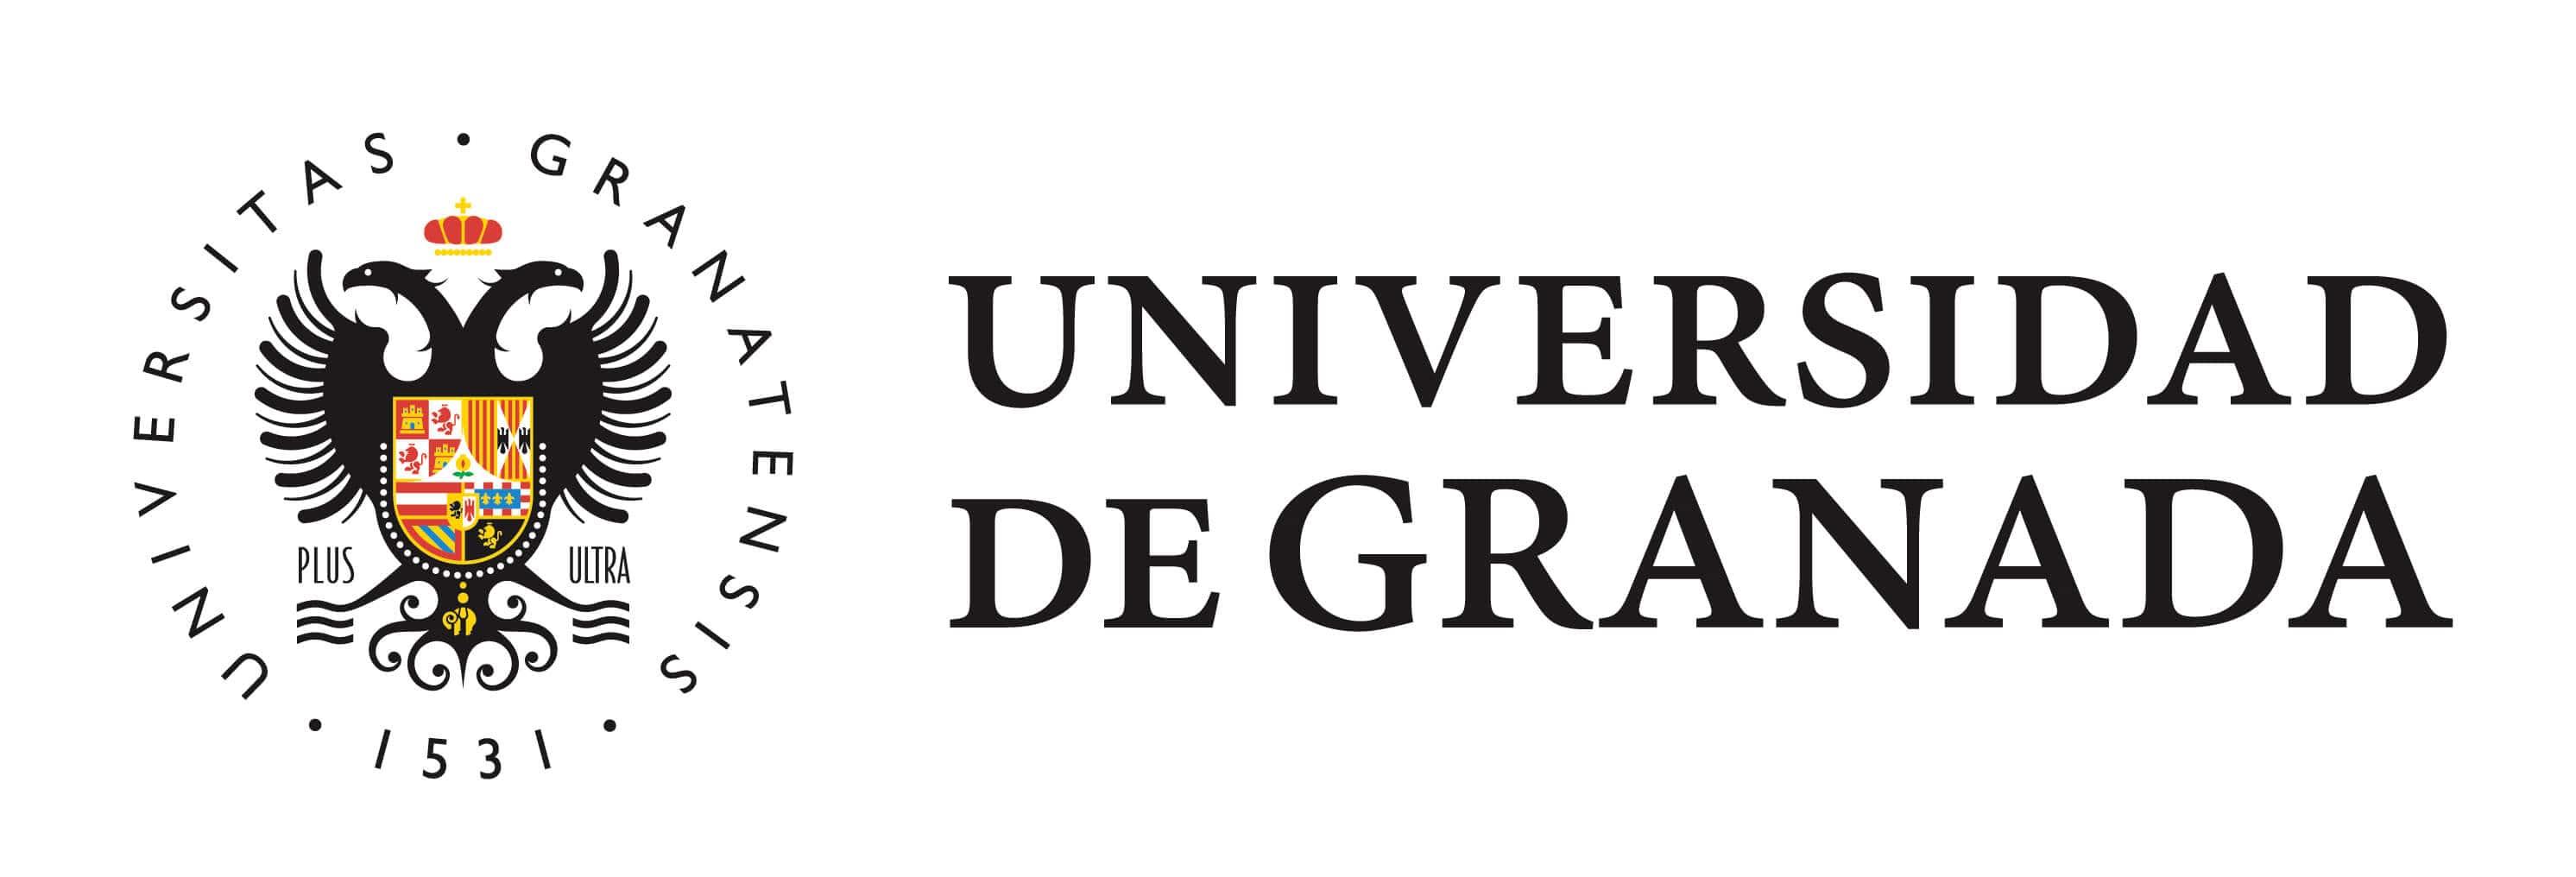 Imagen corporativa de la Universidad de Granada